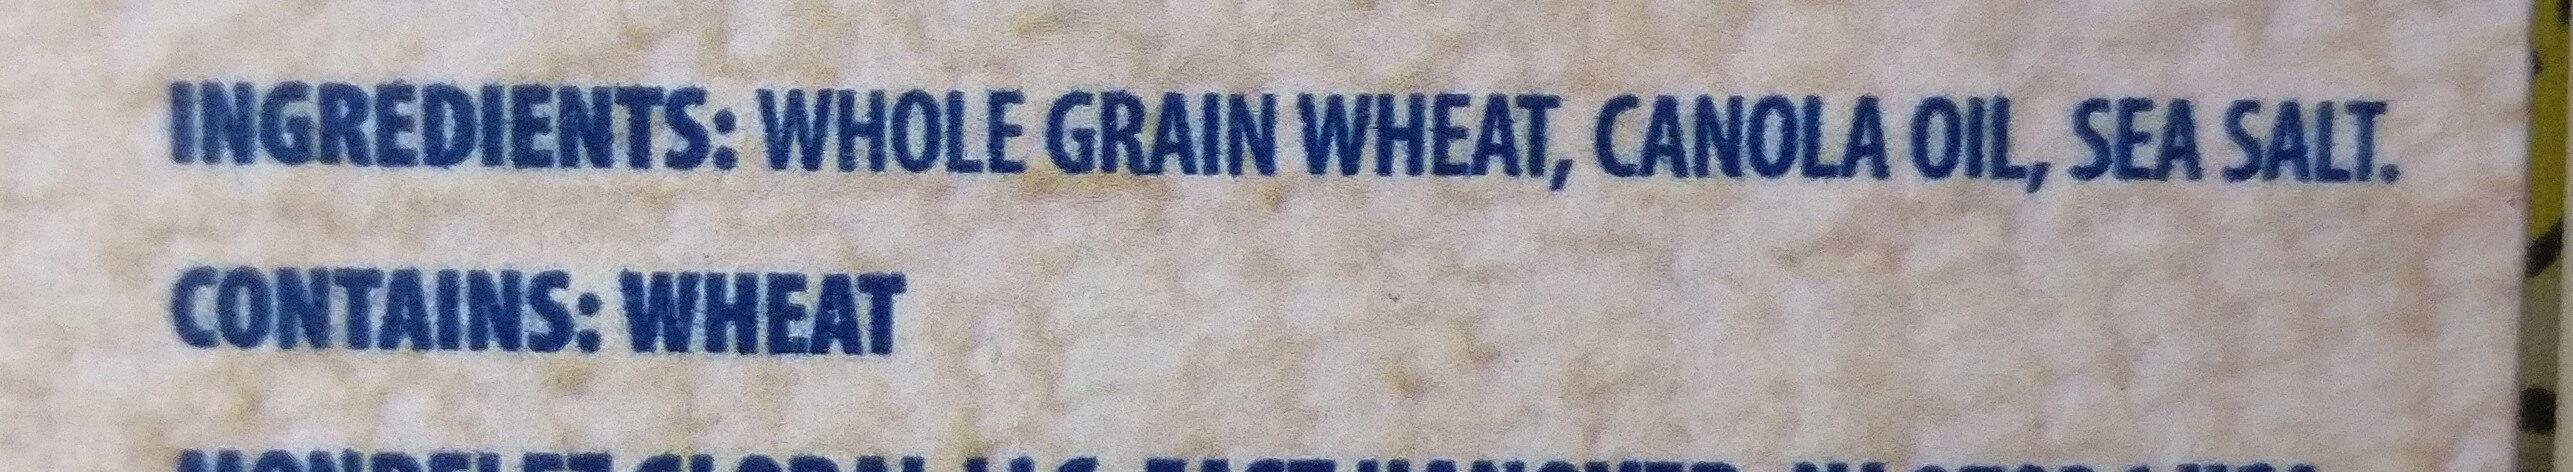 Triscuit crackers original 1x12.5 oz - Ingredients - en